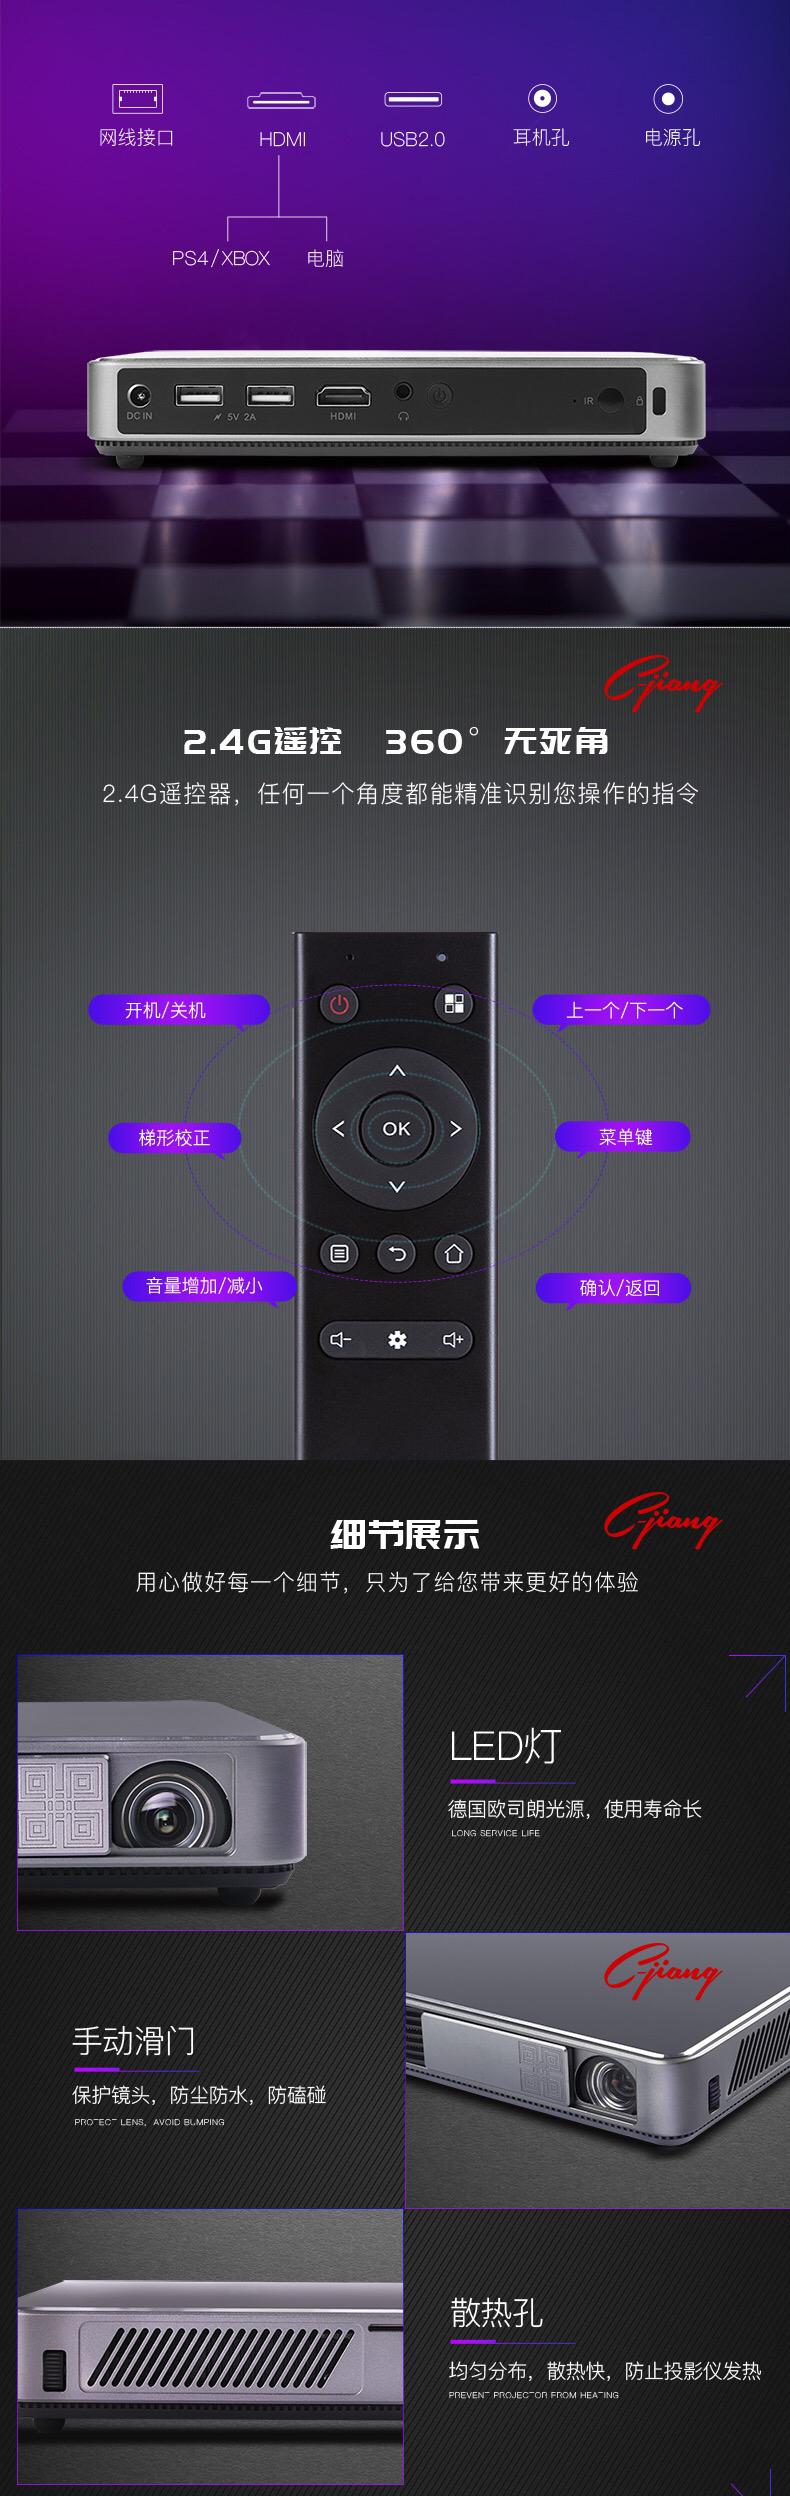 创疆W10 家用wifi无线3D家庭办公通用HDMI小型便携智能全高清4K苹果安卓手机1080p智能投影机无屏电视